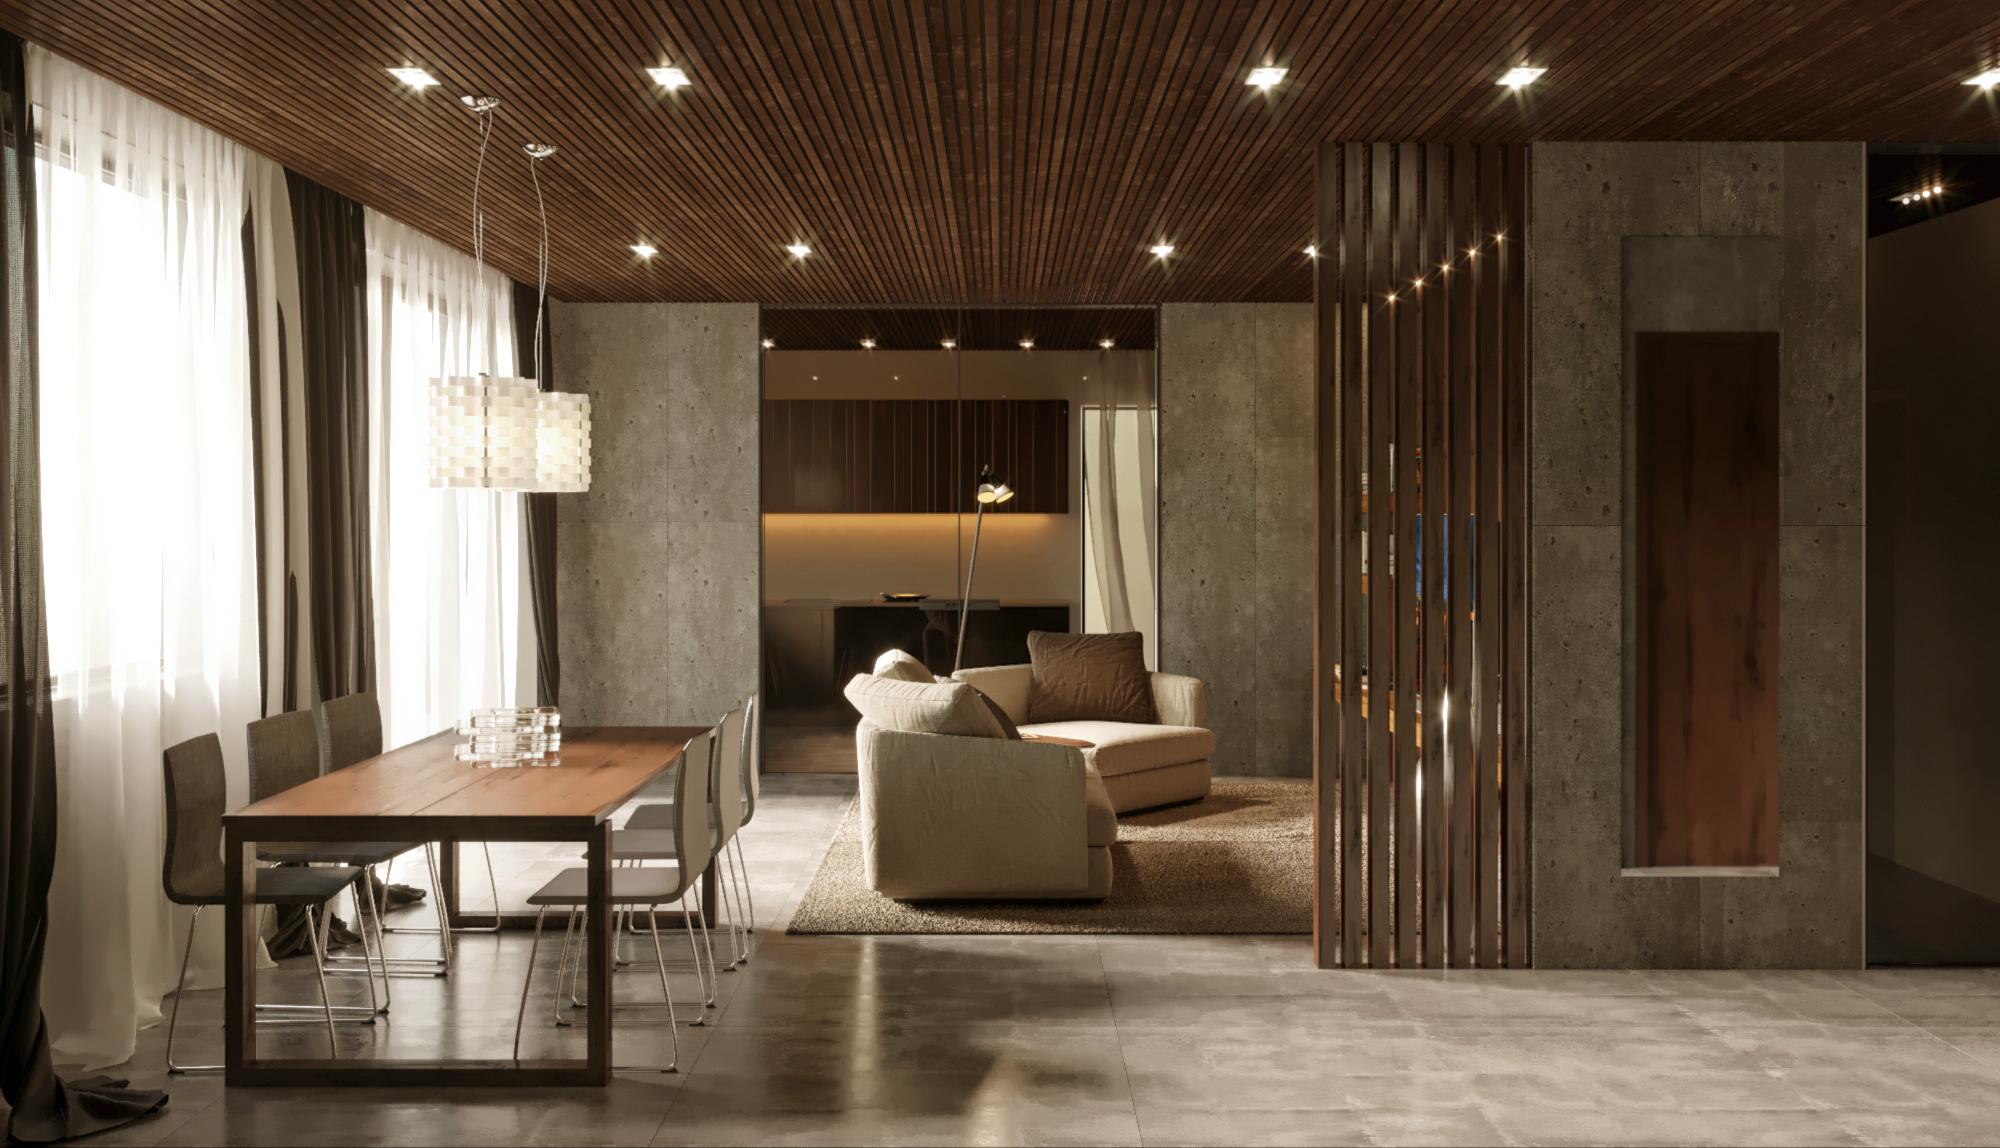 Progettazione interni di design: la qualità è solo su misura!